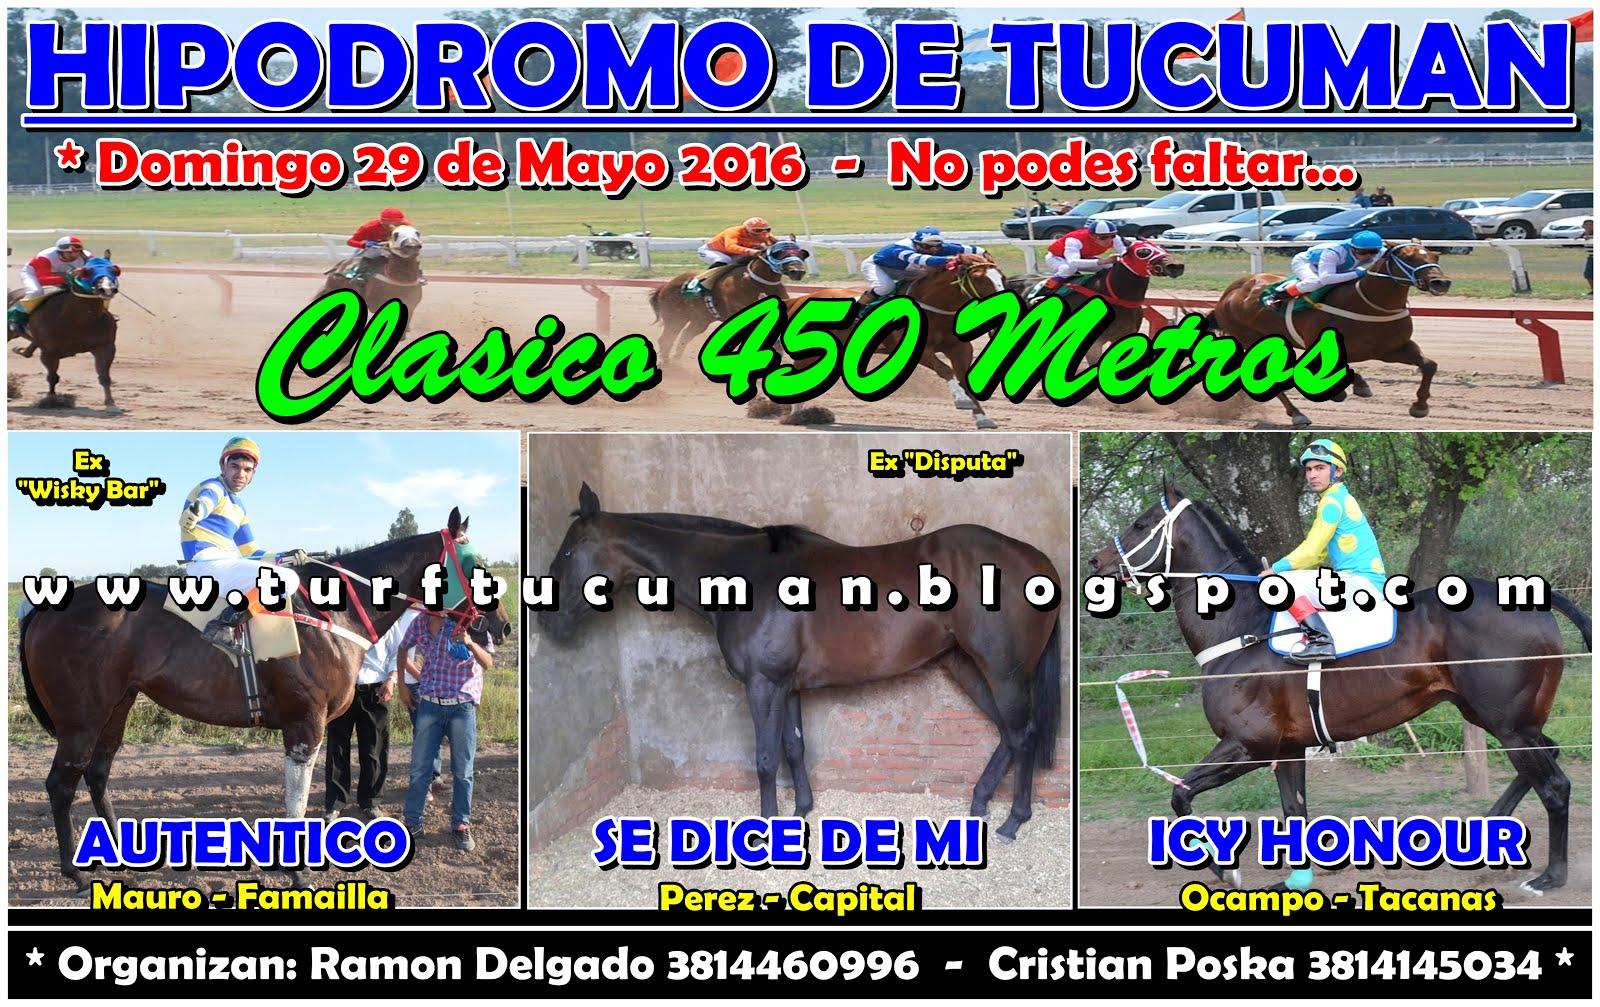 CLASICO 450